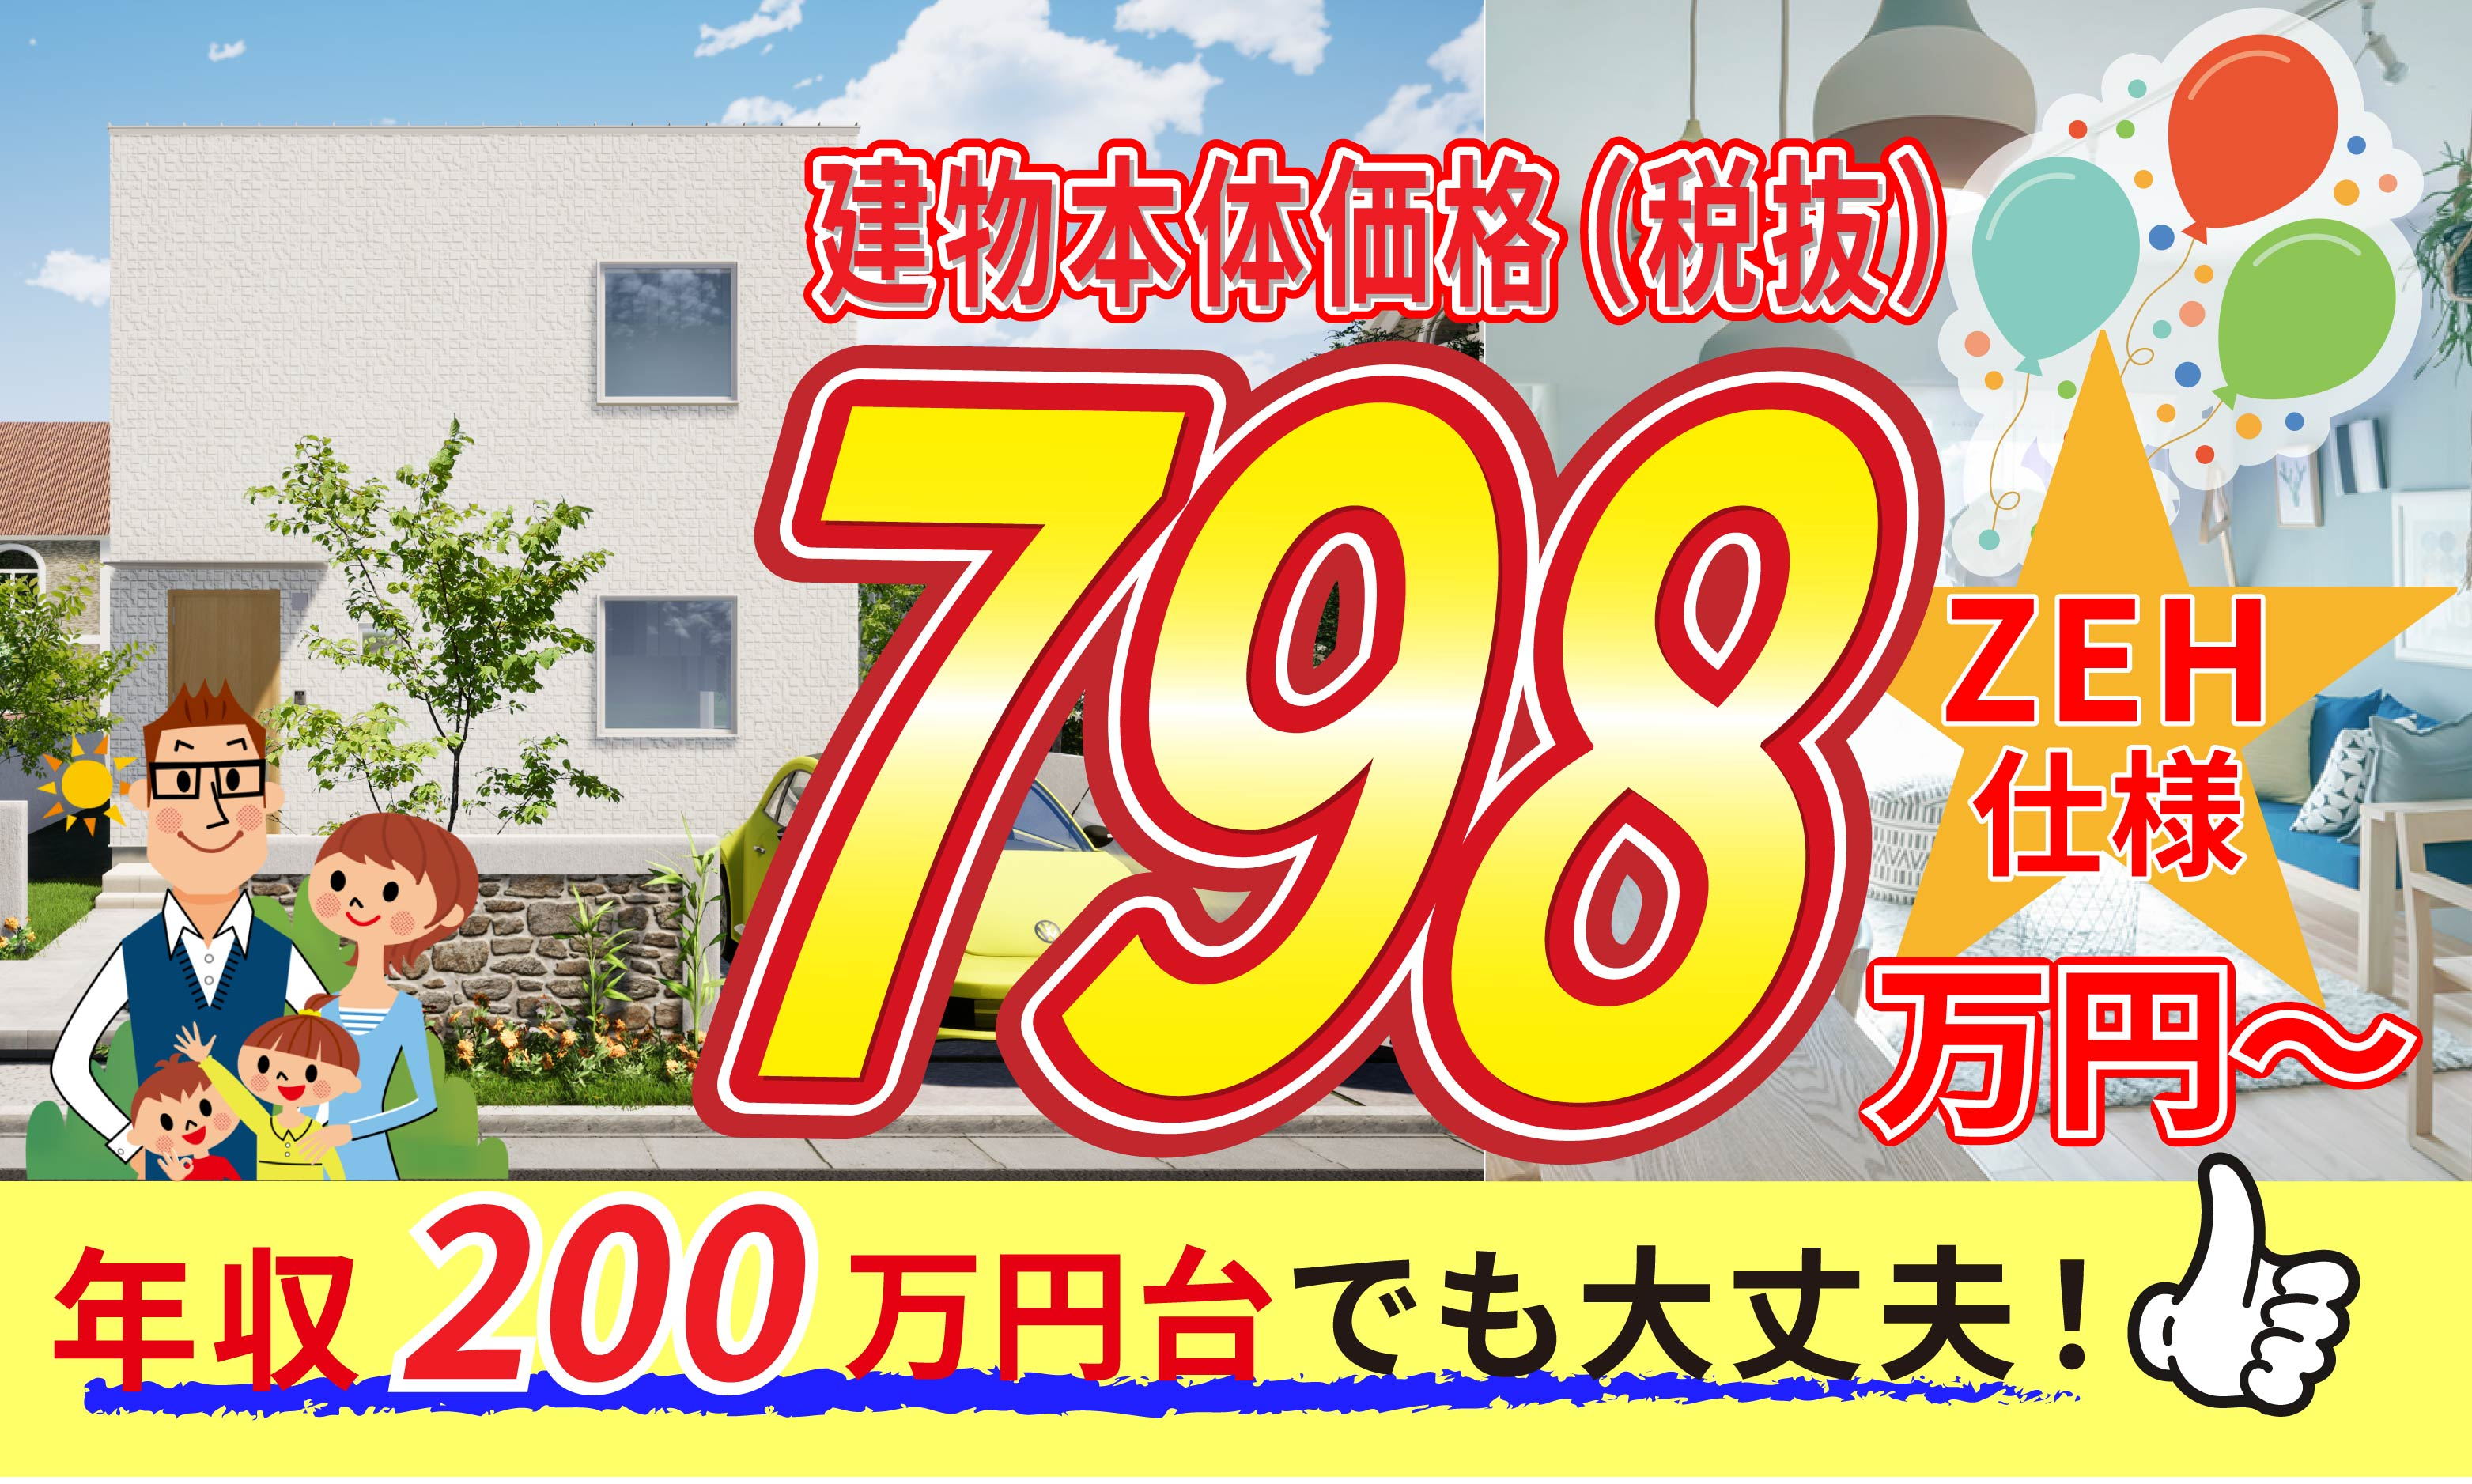 798万円から家が持てる!豊かなライフスタイルを家づくりから